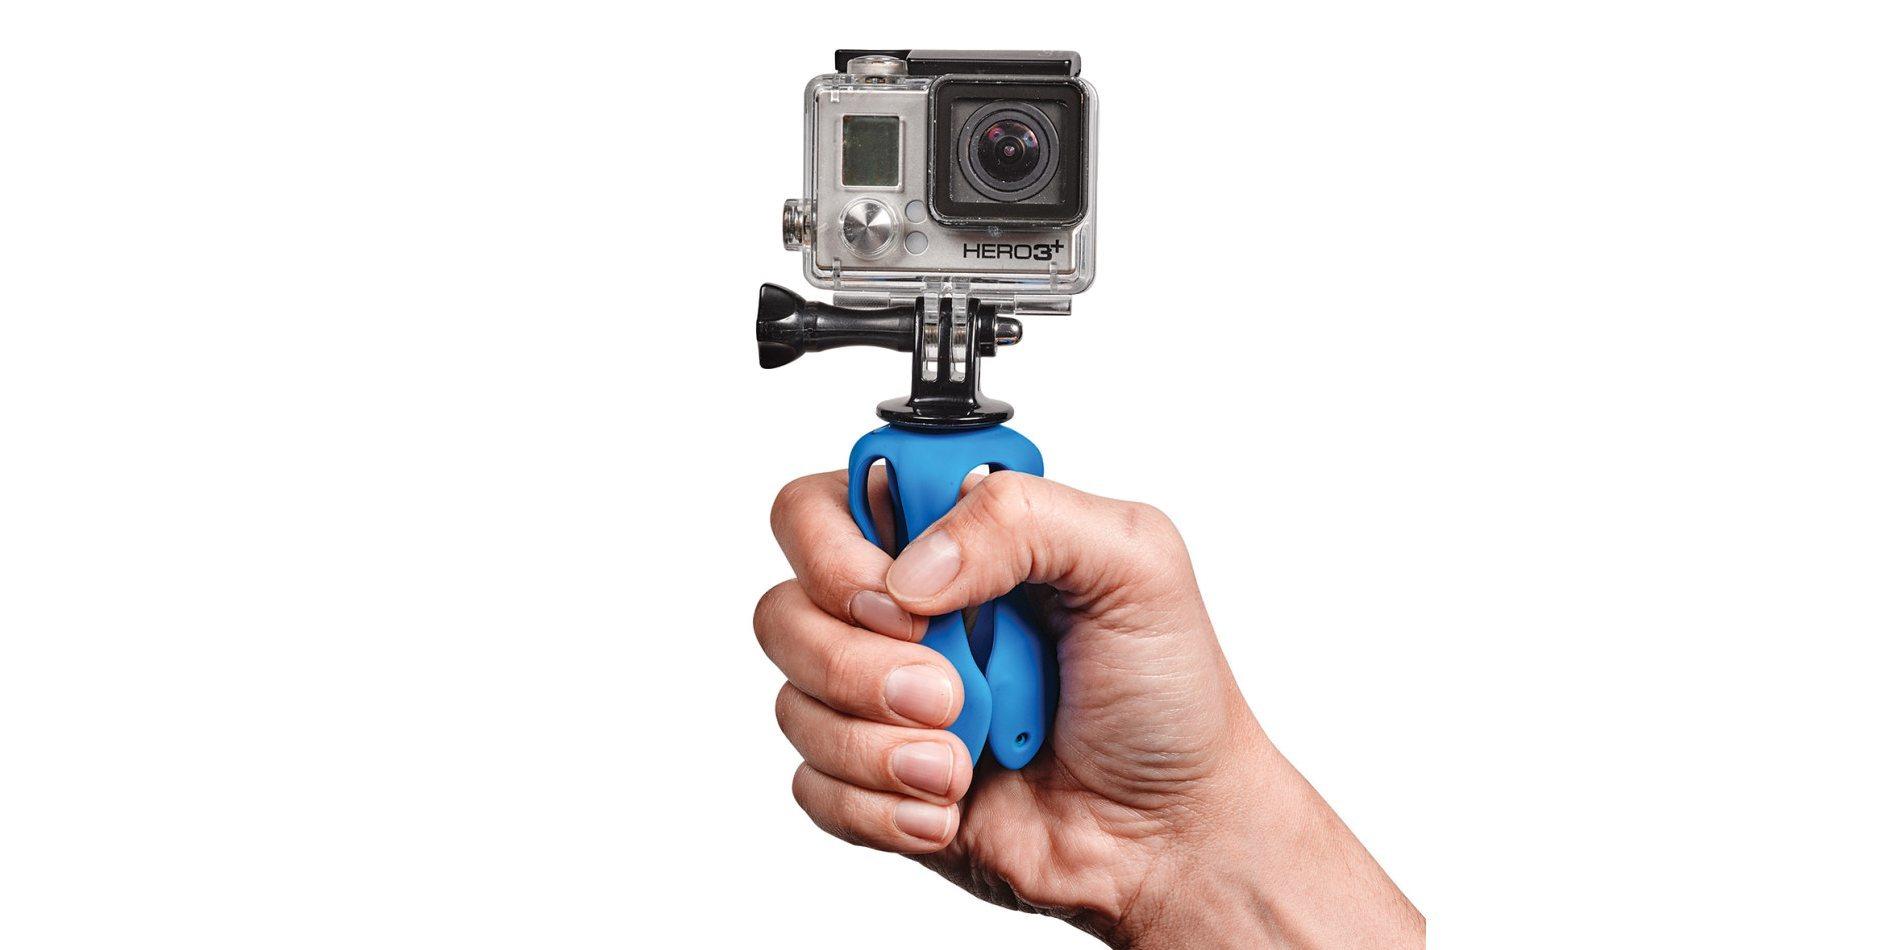 Штатив для экшн-камер Miggo Splat в руке